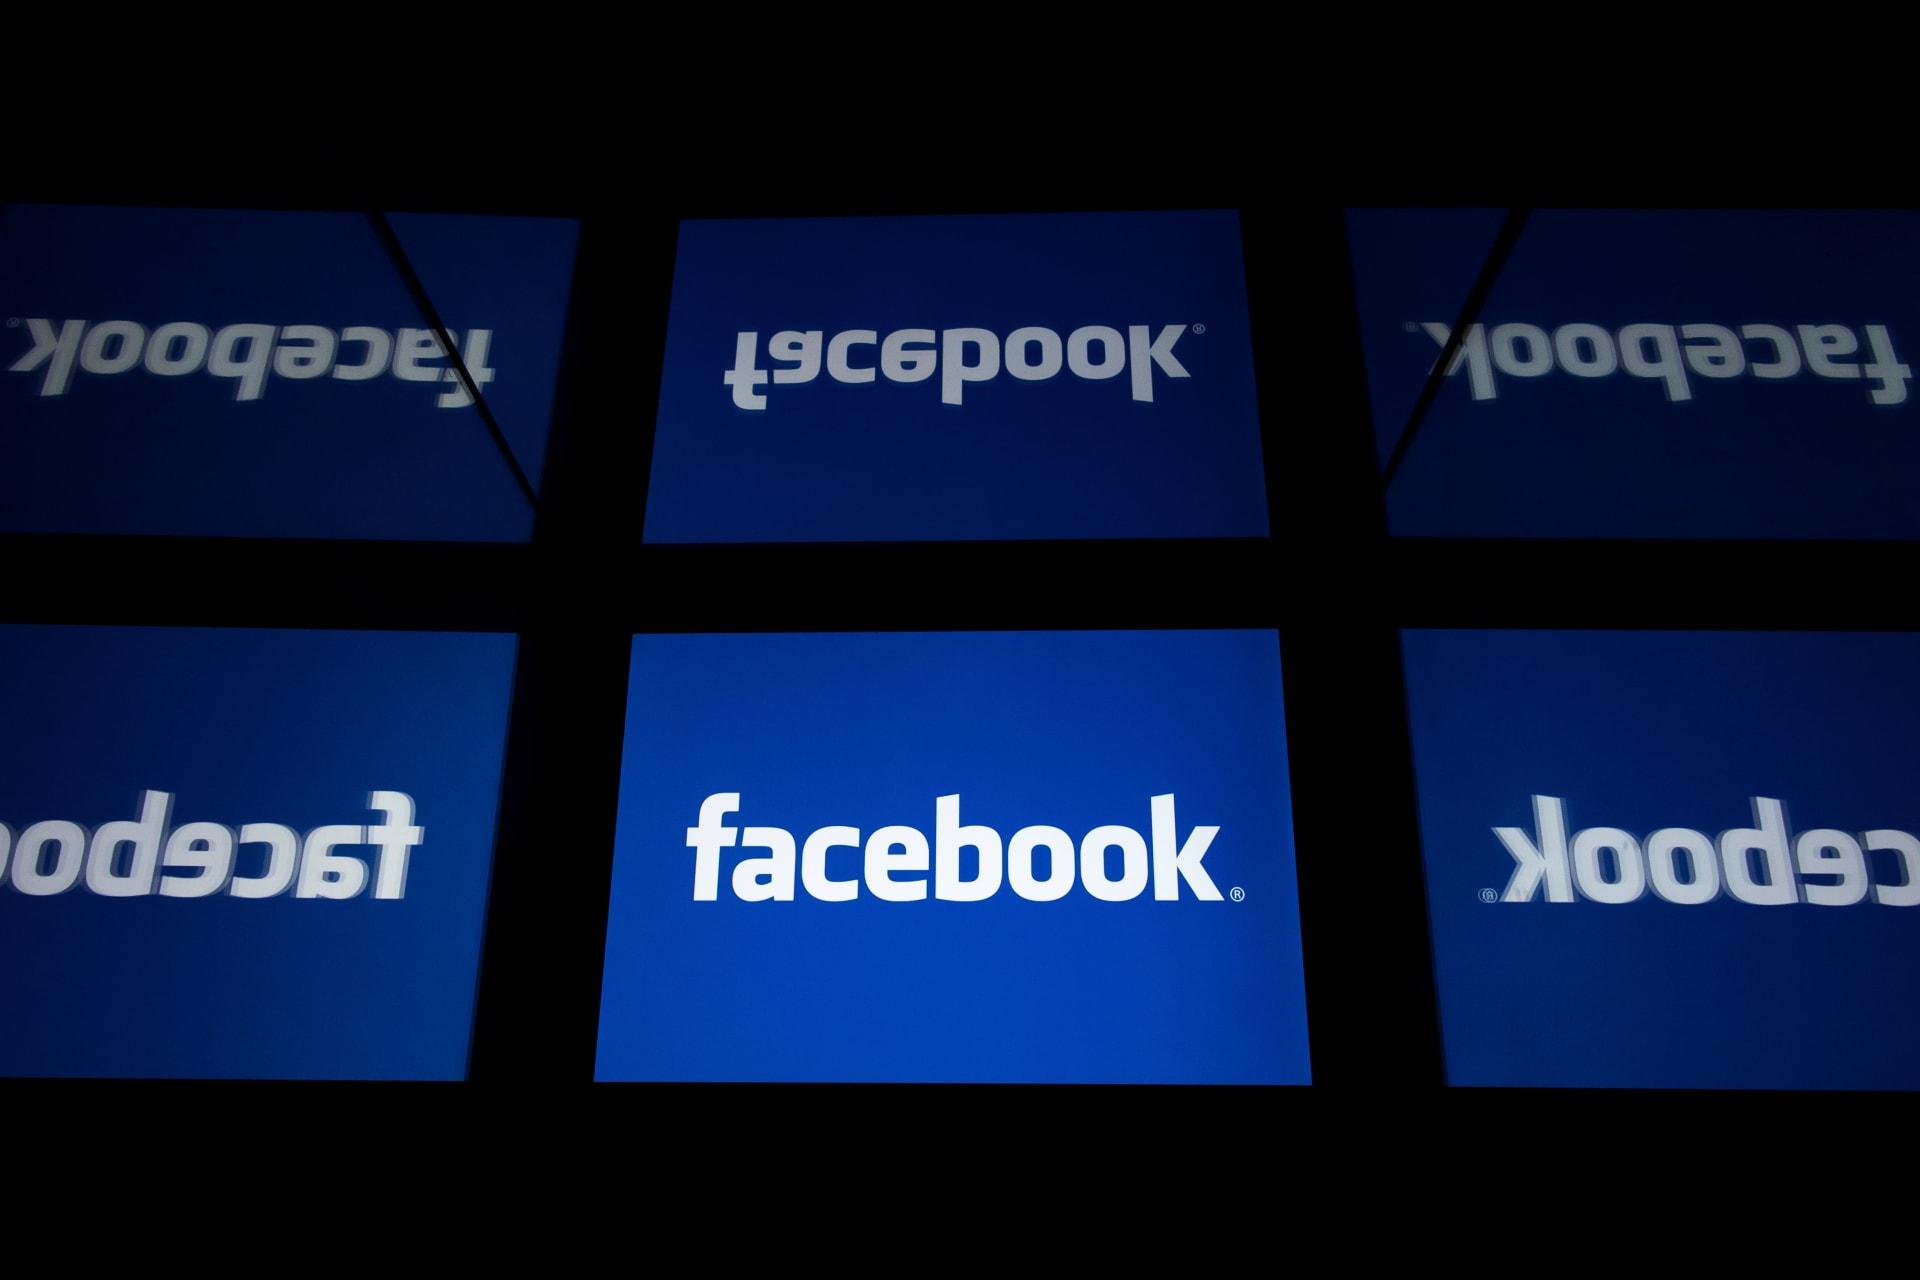 """فيسبوك"""" يحظر نشر أو مشاركة المحتوى الإخباري في أستراليا"""